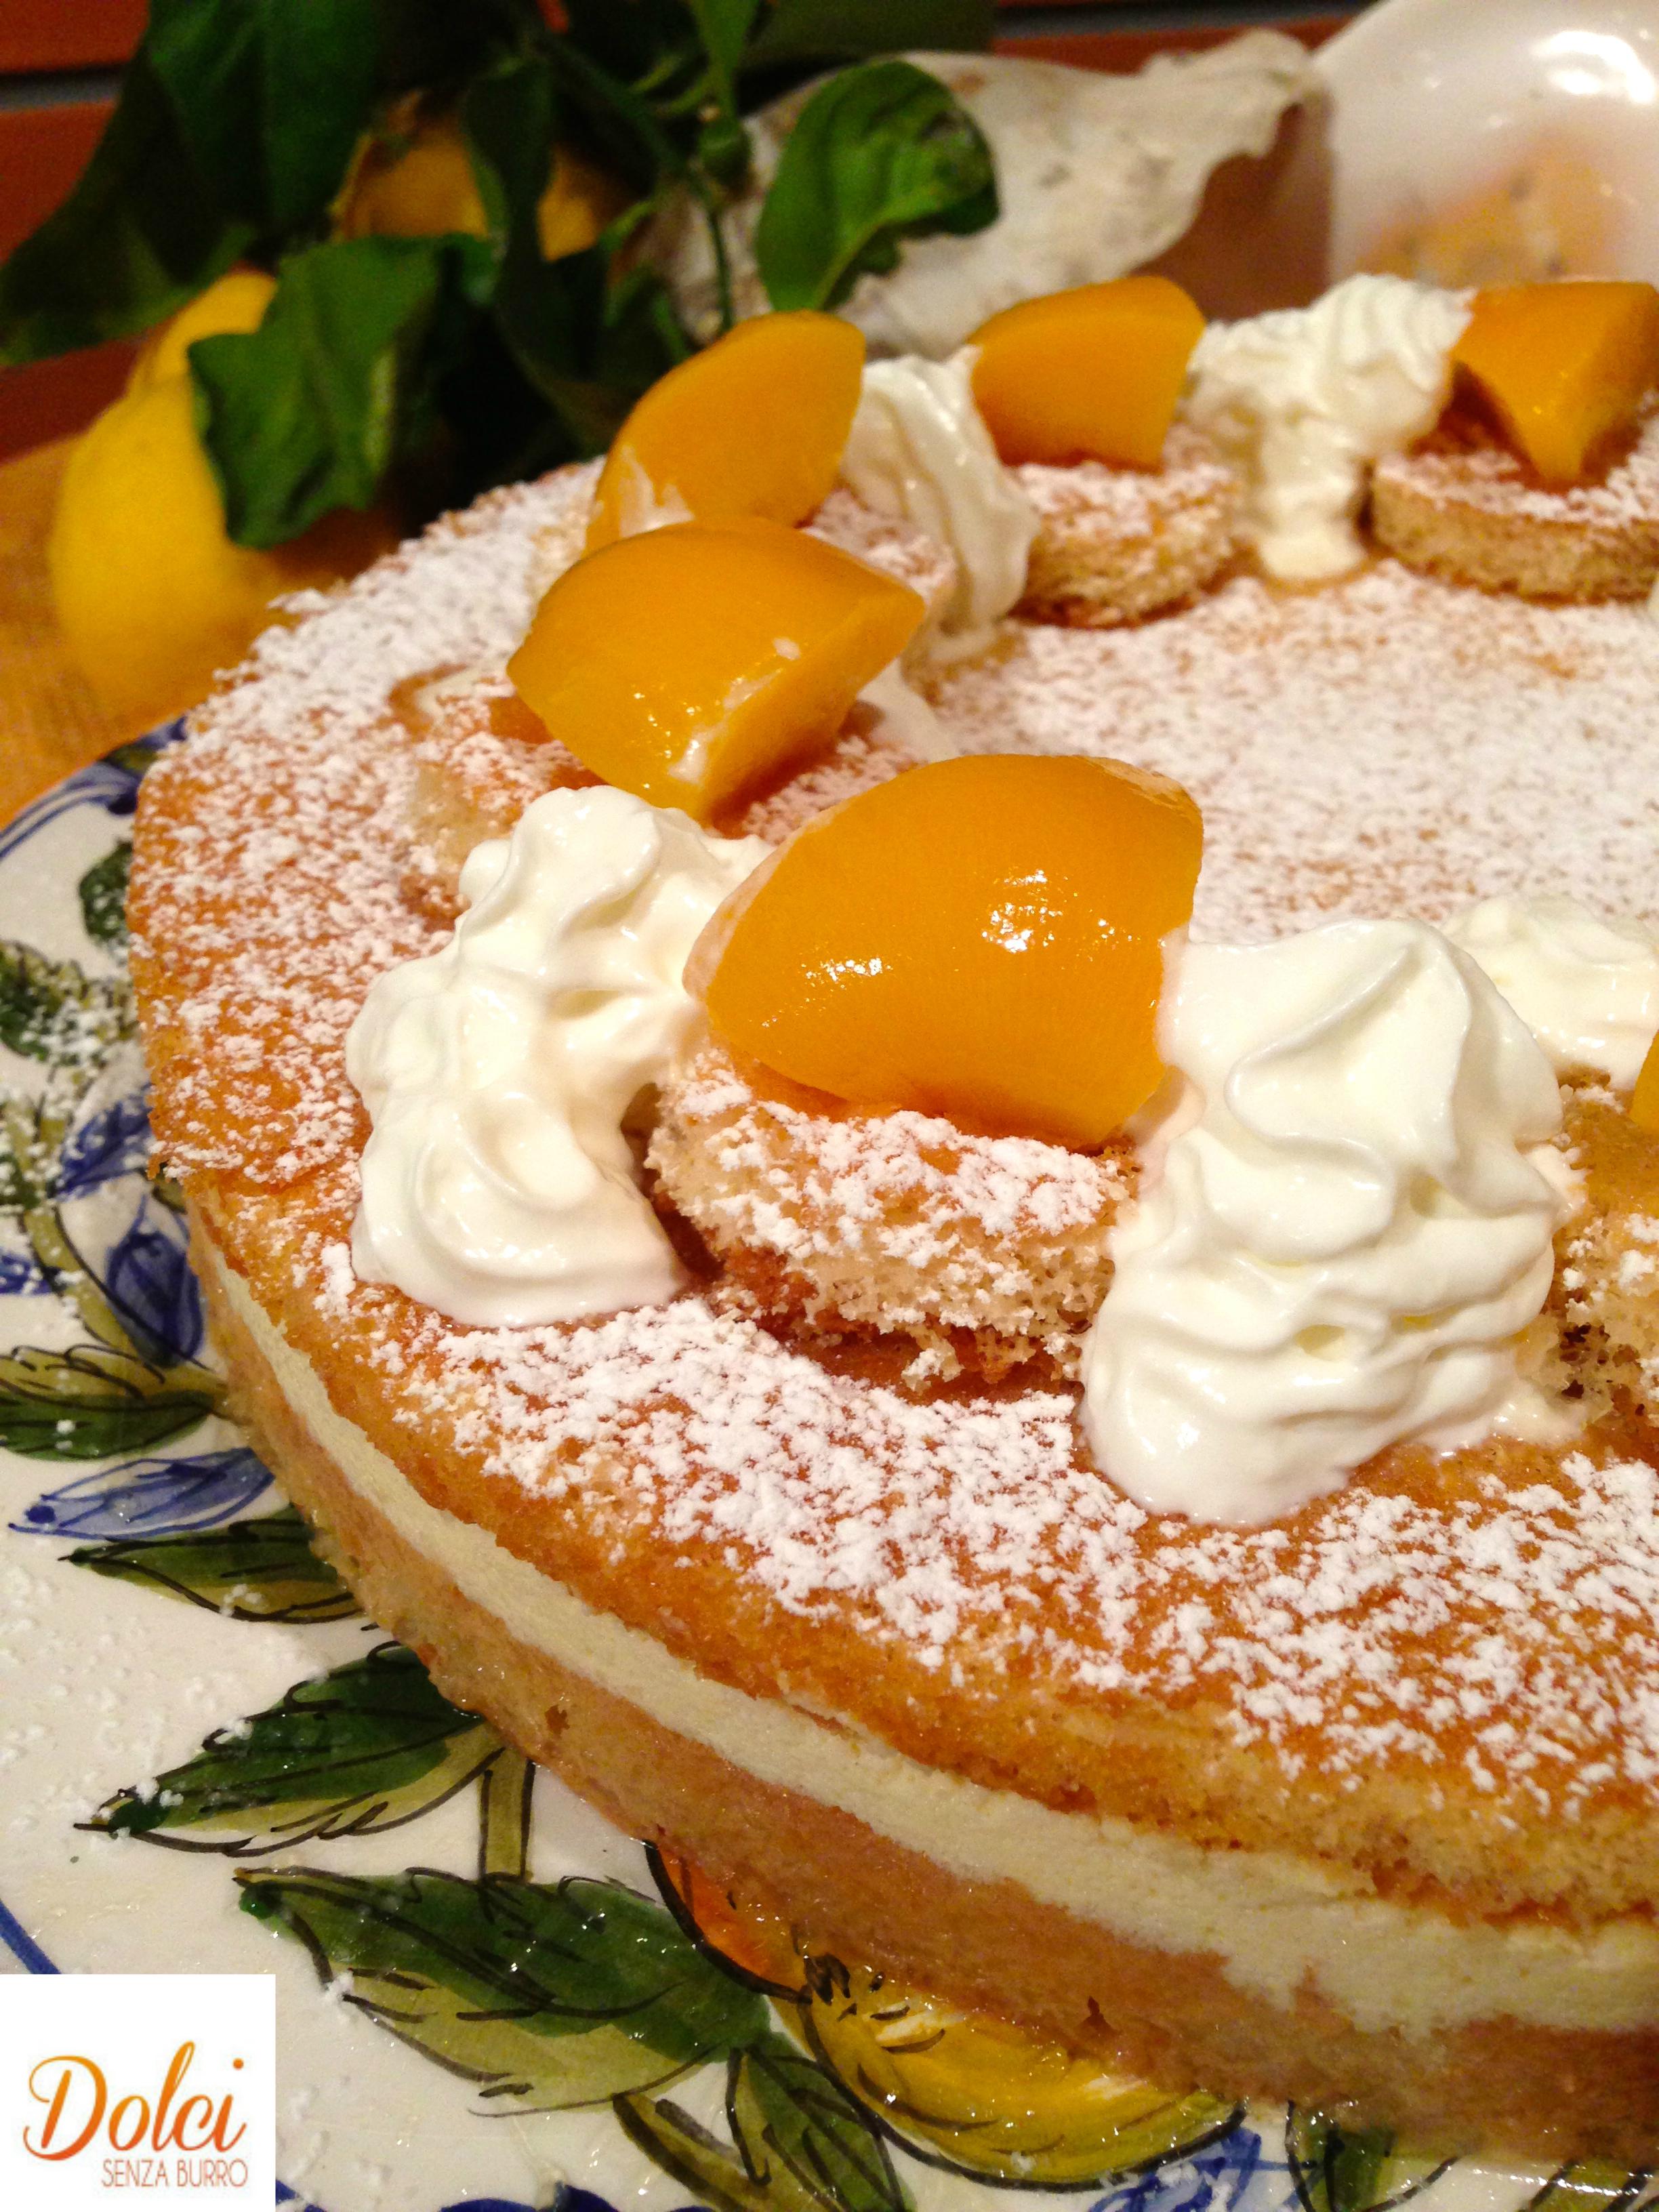 Torta Farcita alla Crema e Albicocche Senza Burro, un dolce fresco e goloso di dolci senza burro